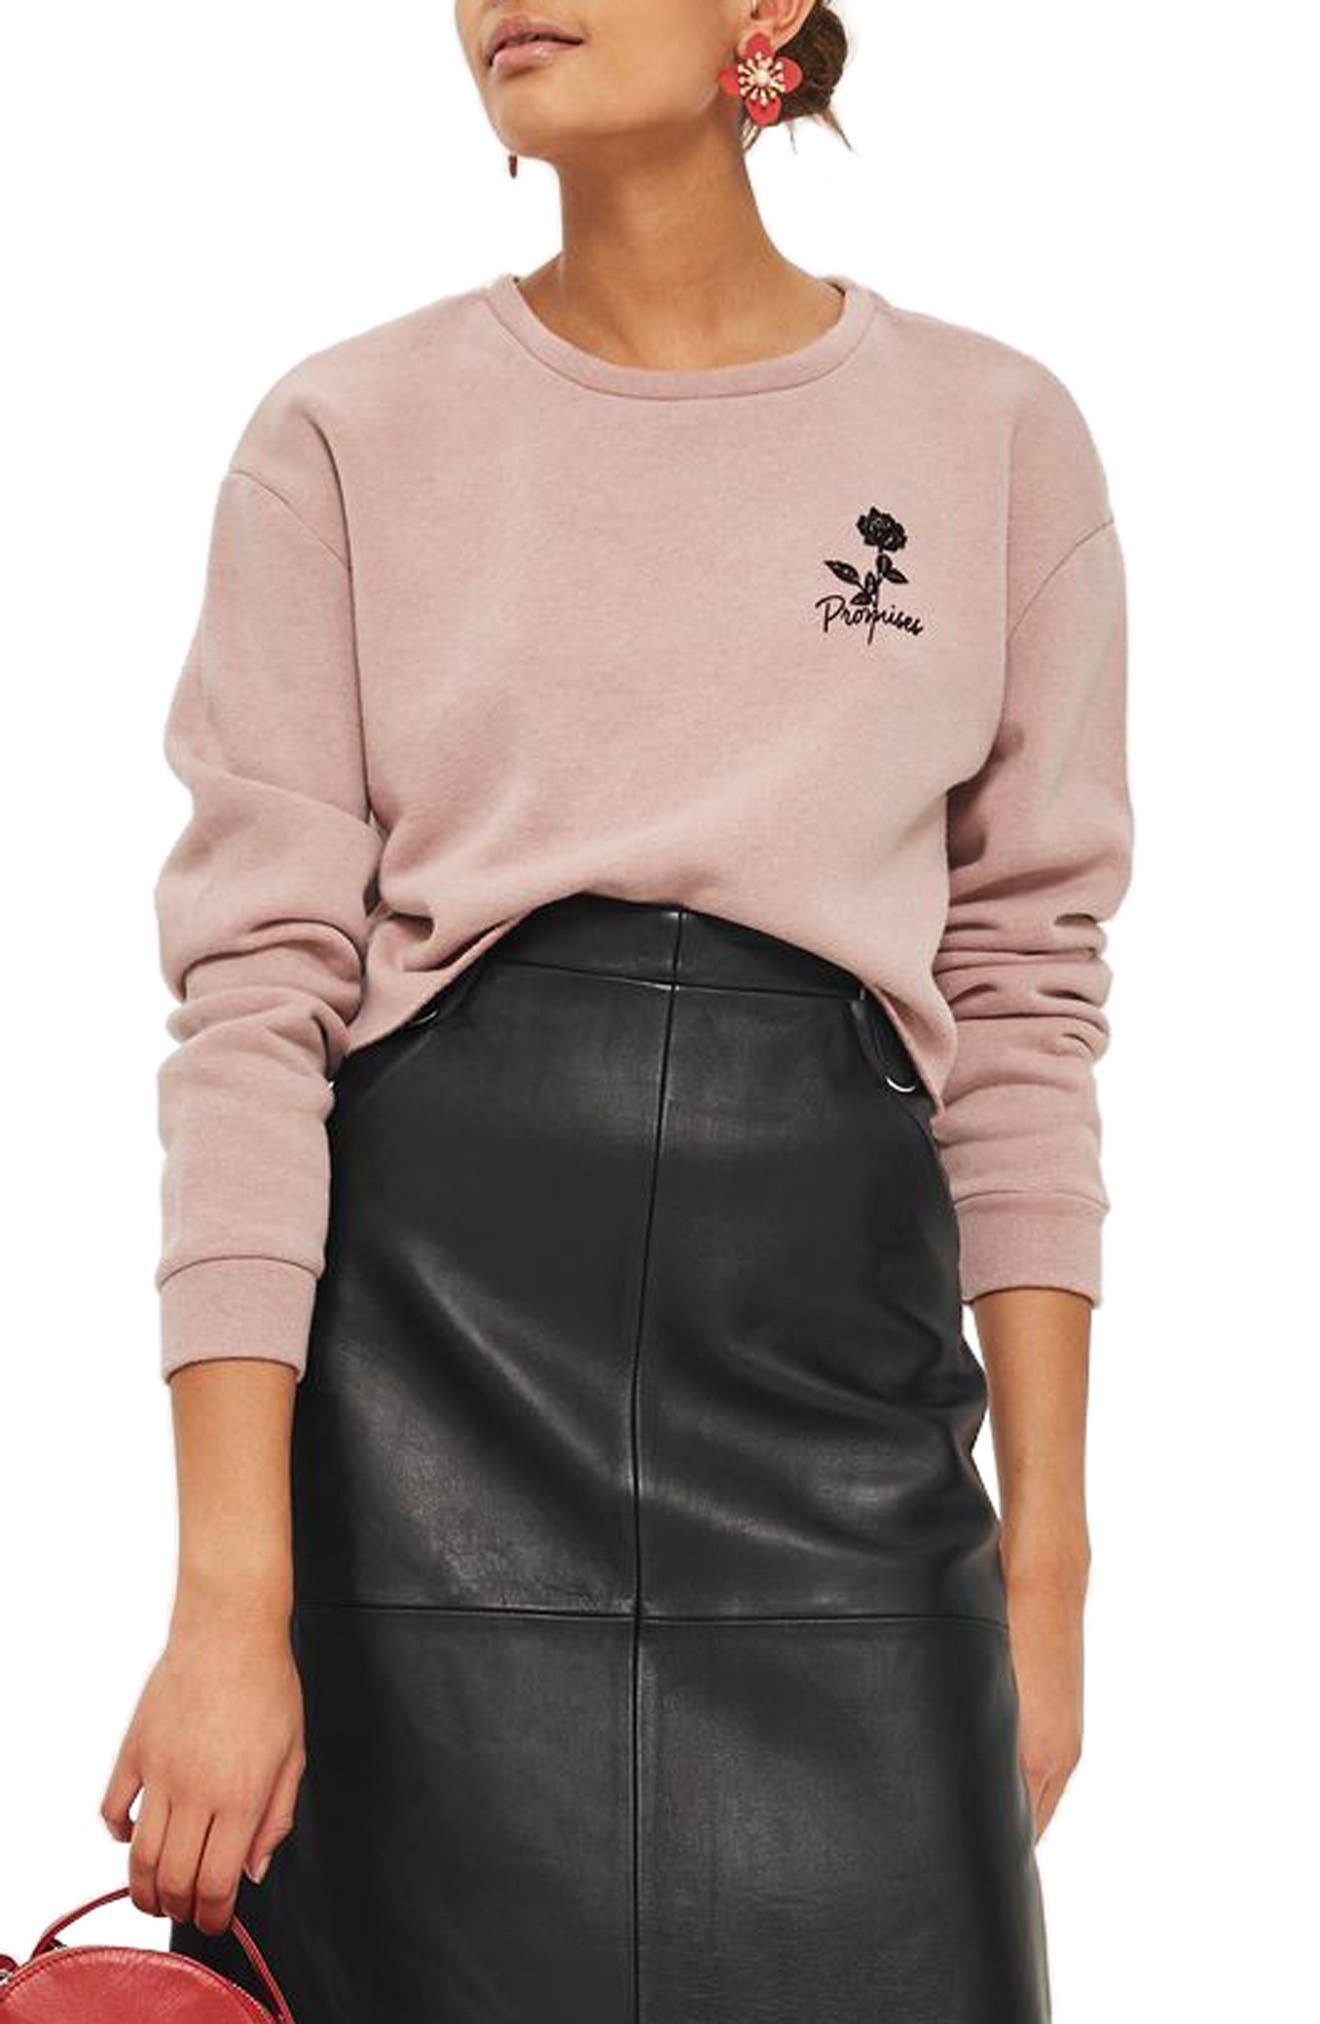 Promises Crop Sweatshirt,                         Main,                         color, Nude